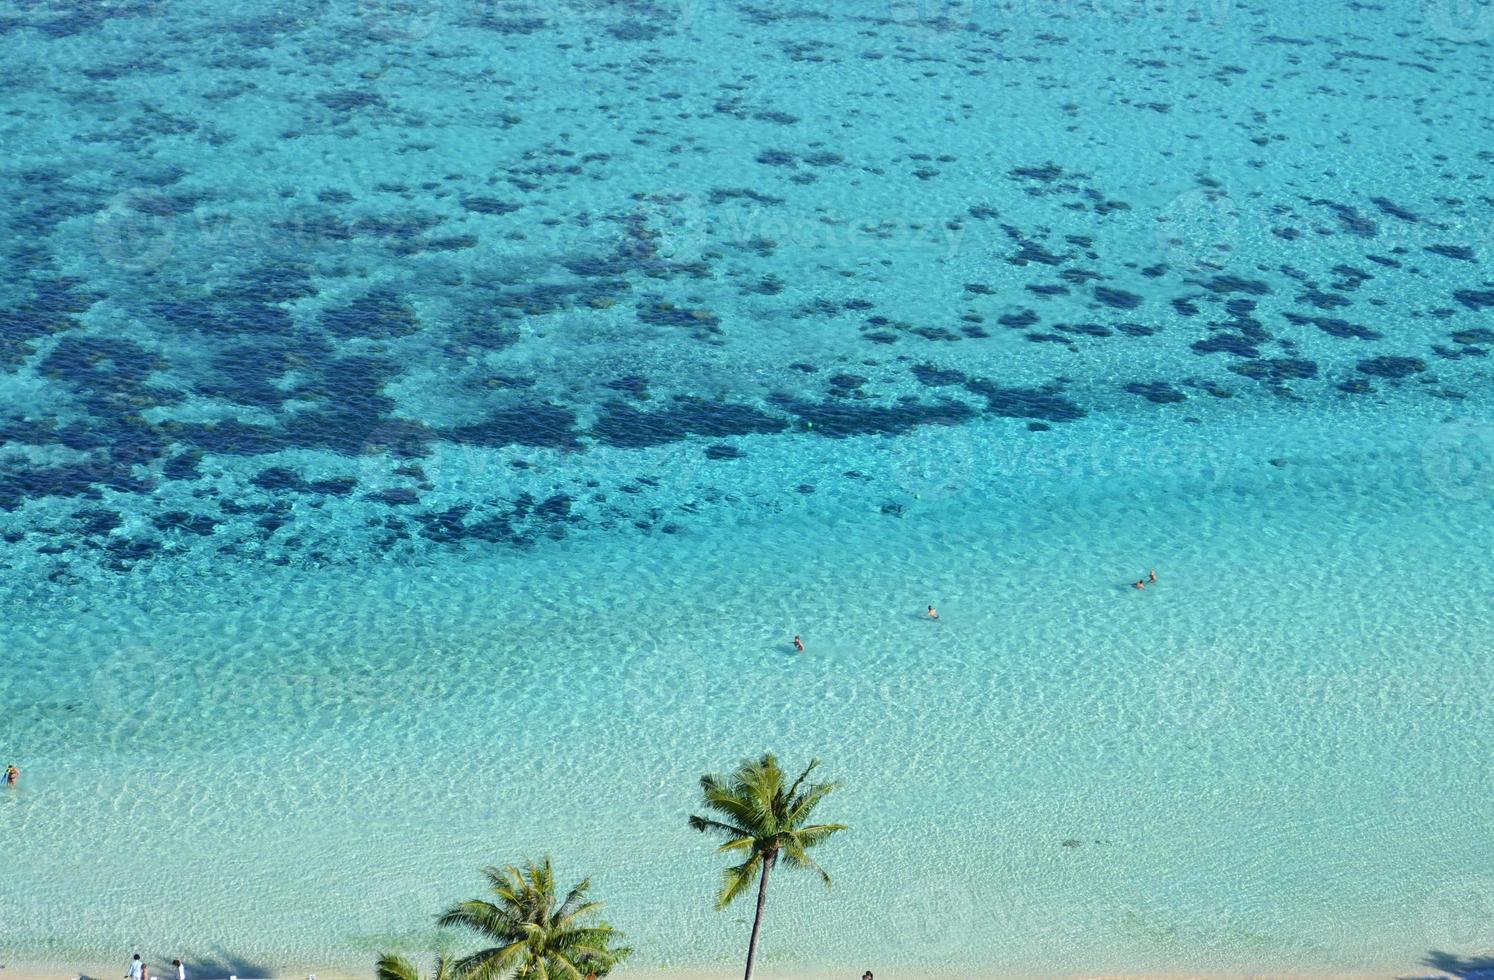 palme e una barriera corallina foto